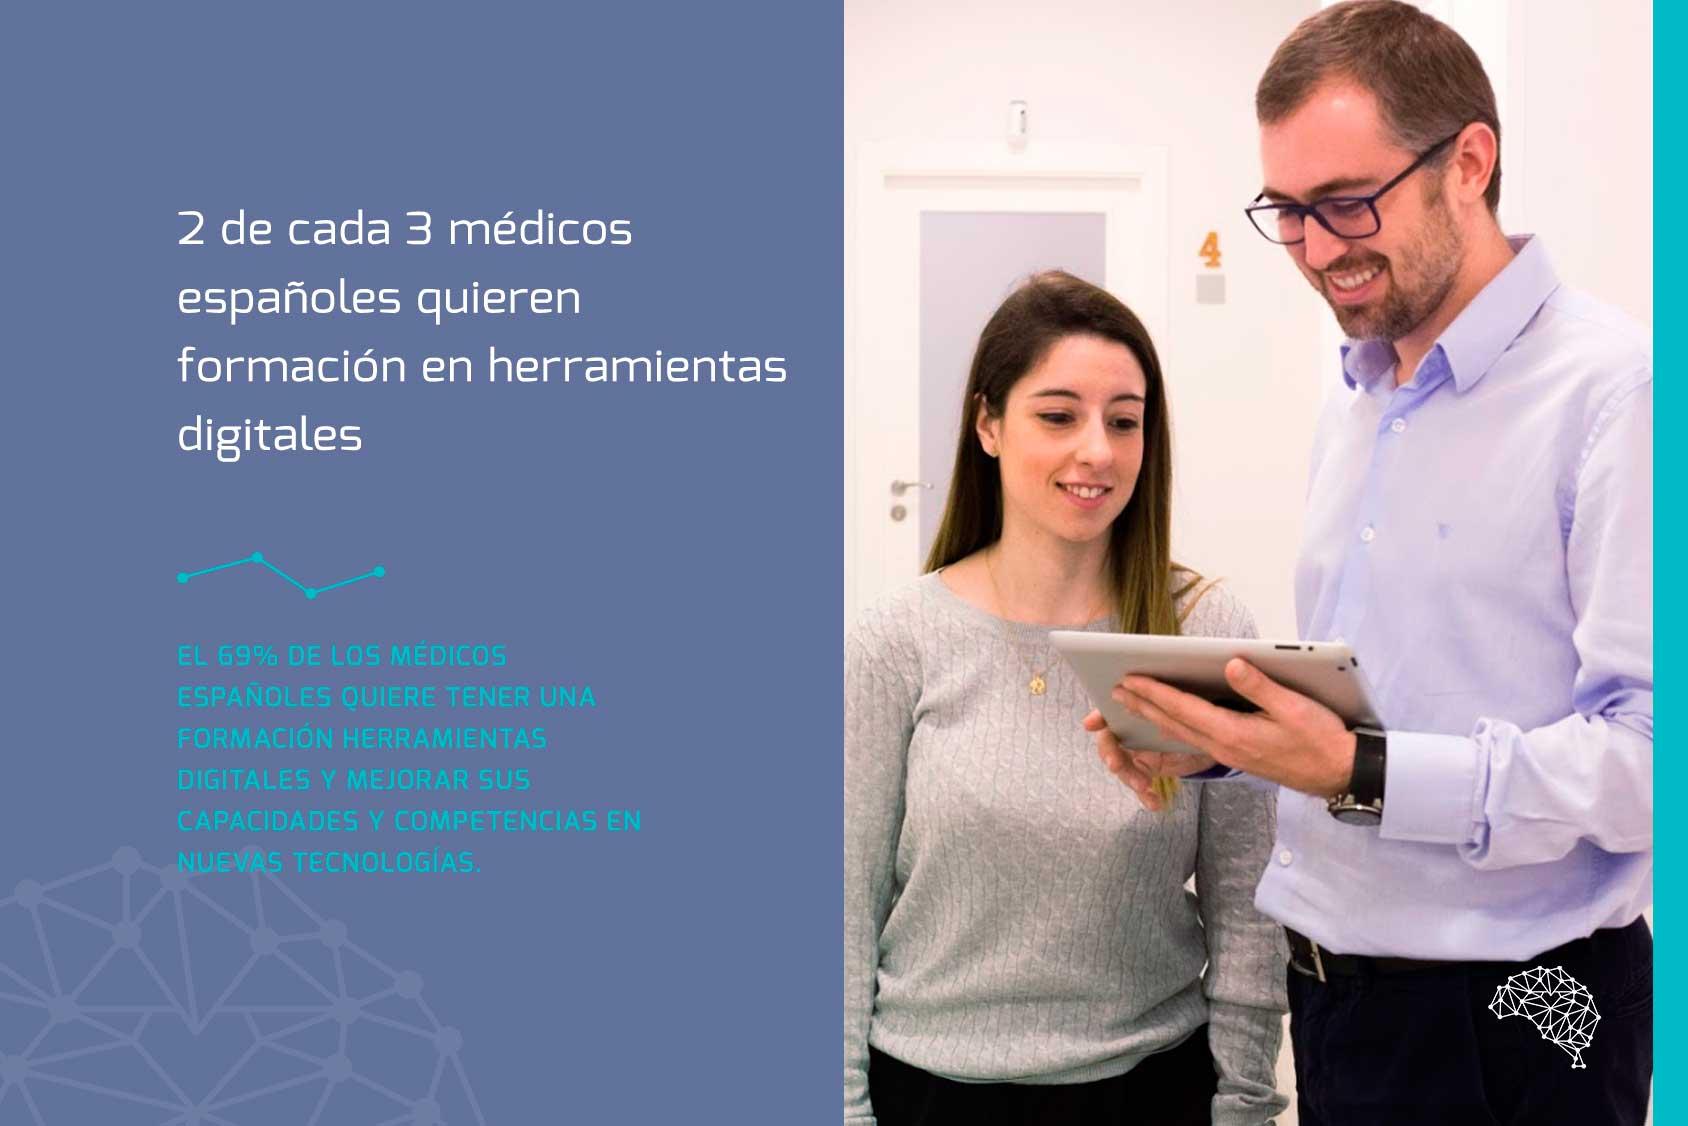 Médicos utilizan nuevas tecnologías